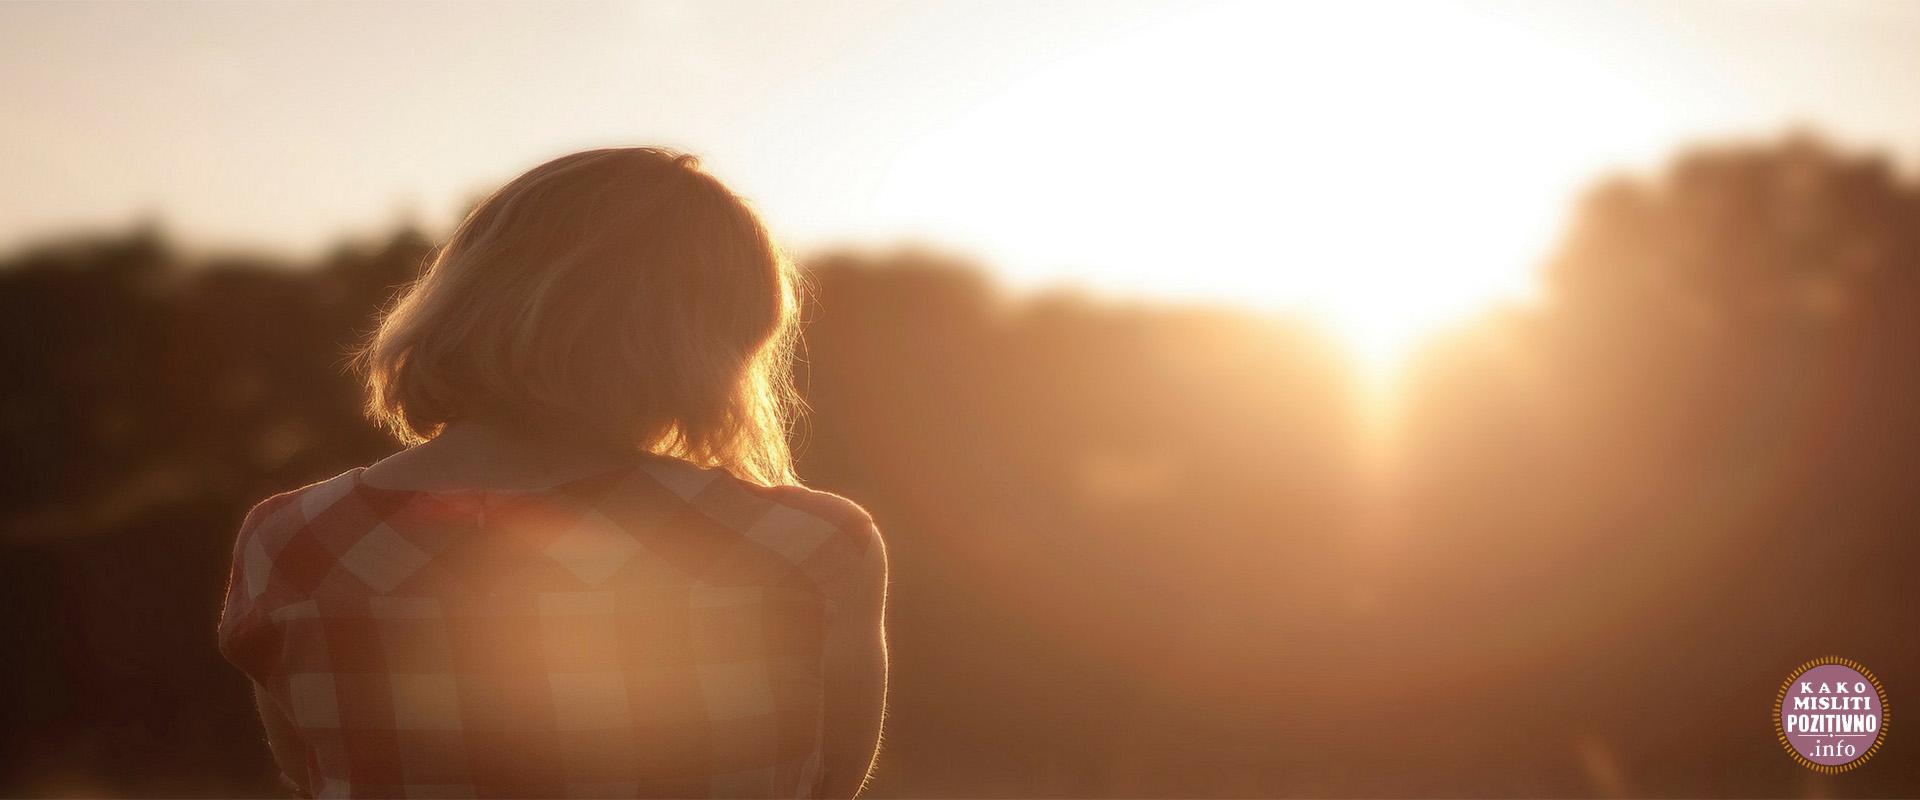 Louise-hay-pozitivne-afirmacije-zakon-privlačnosti-kako-misliti-pozitivno